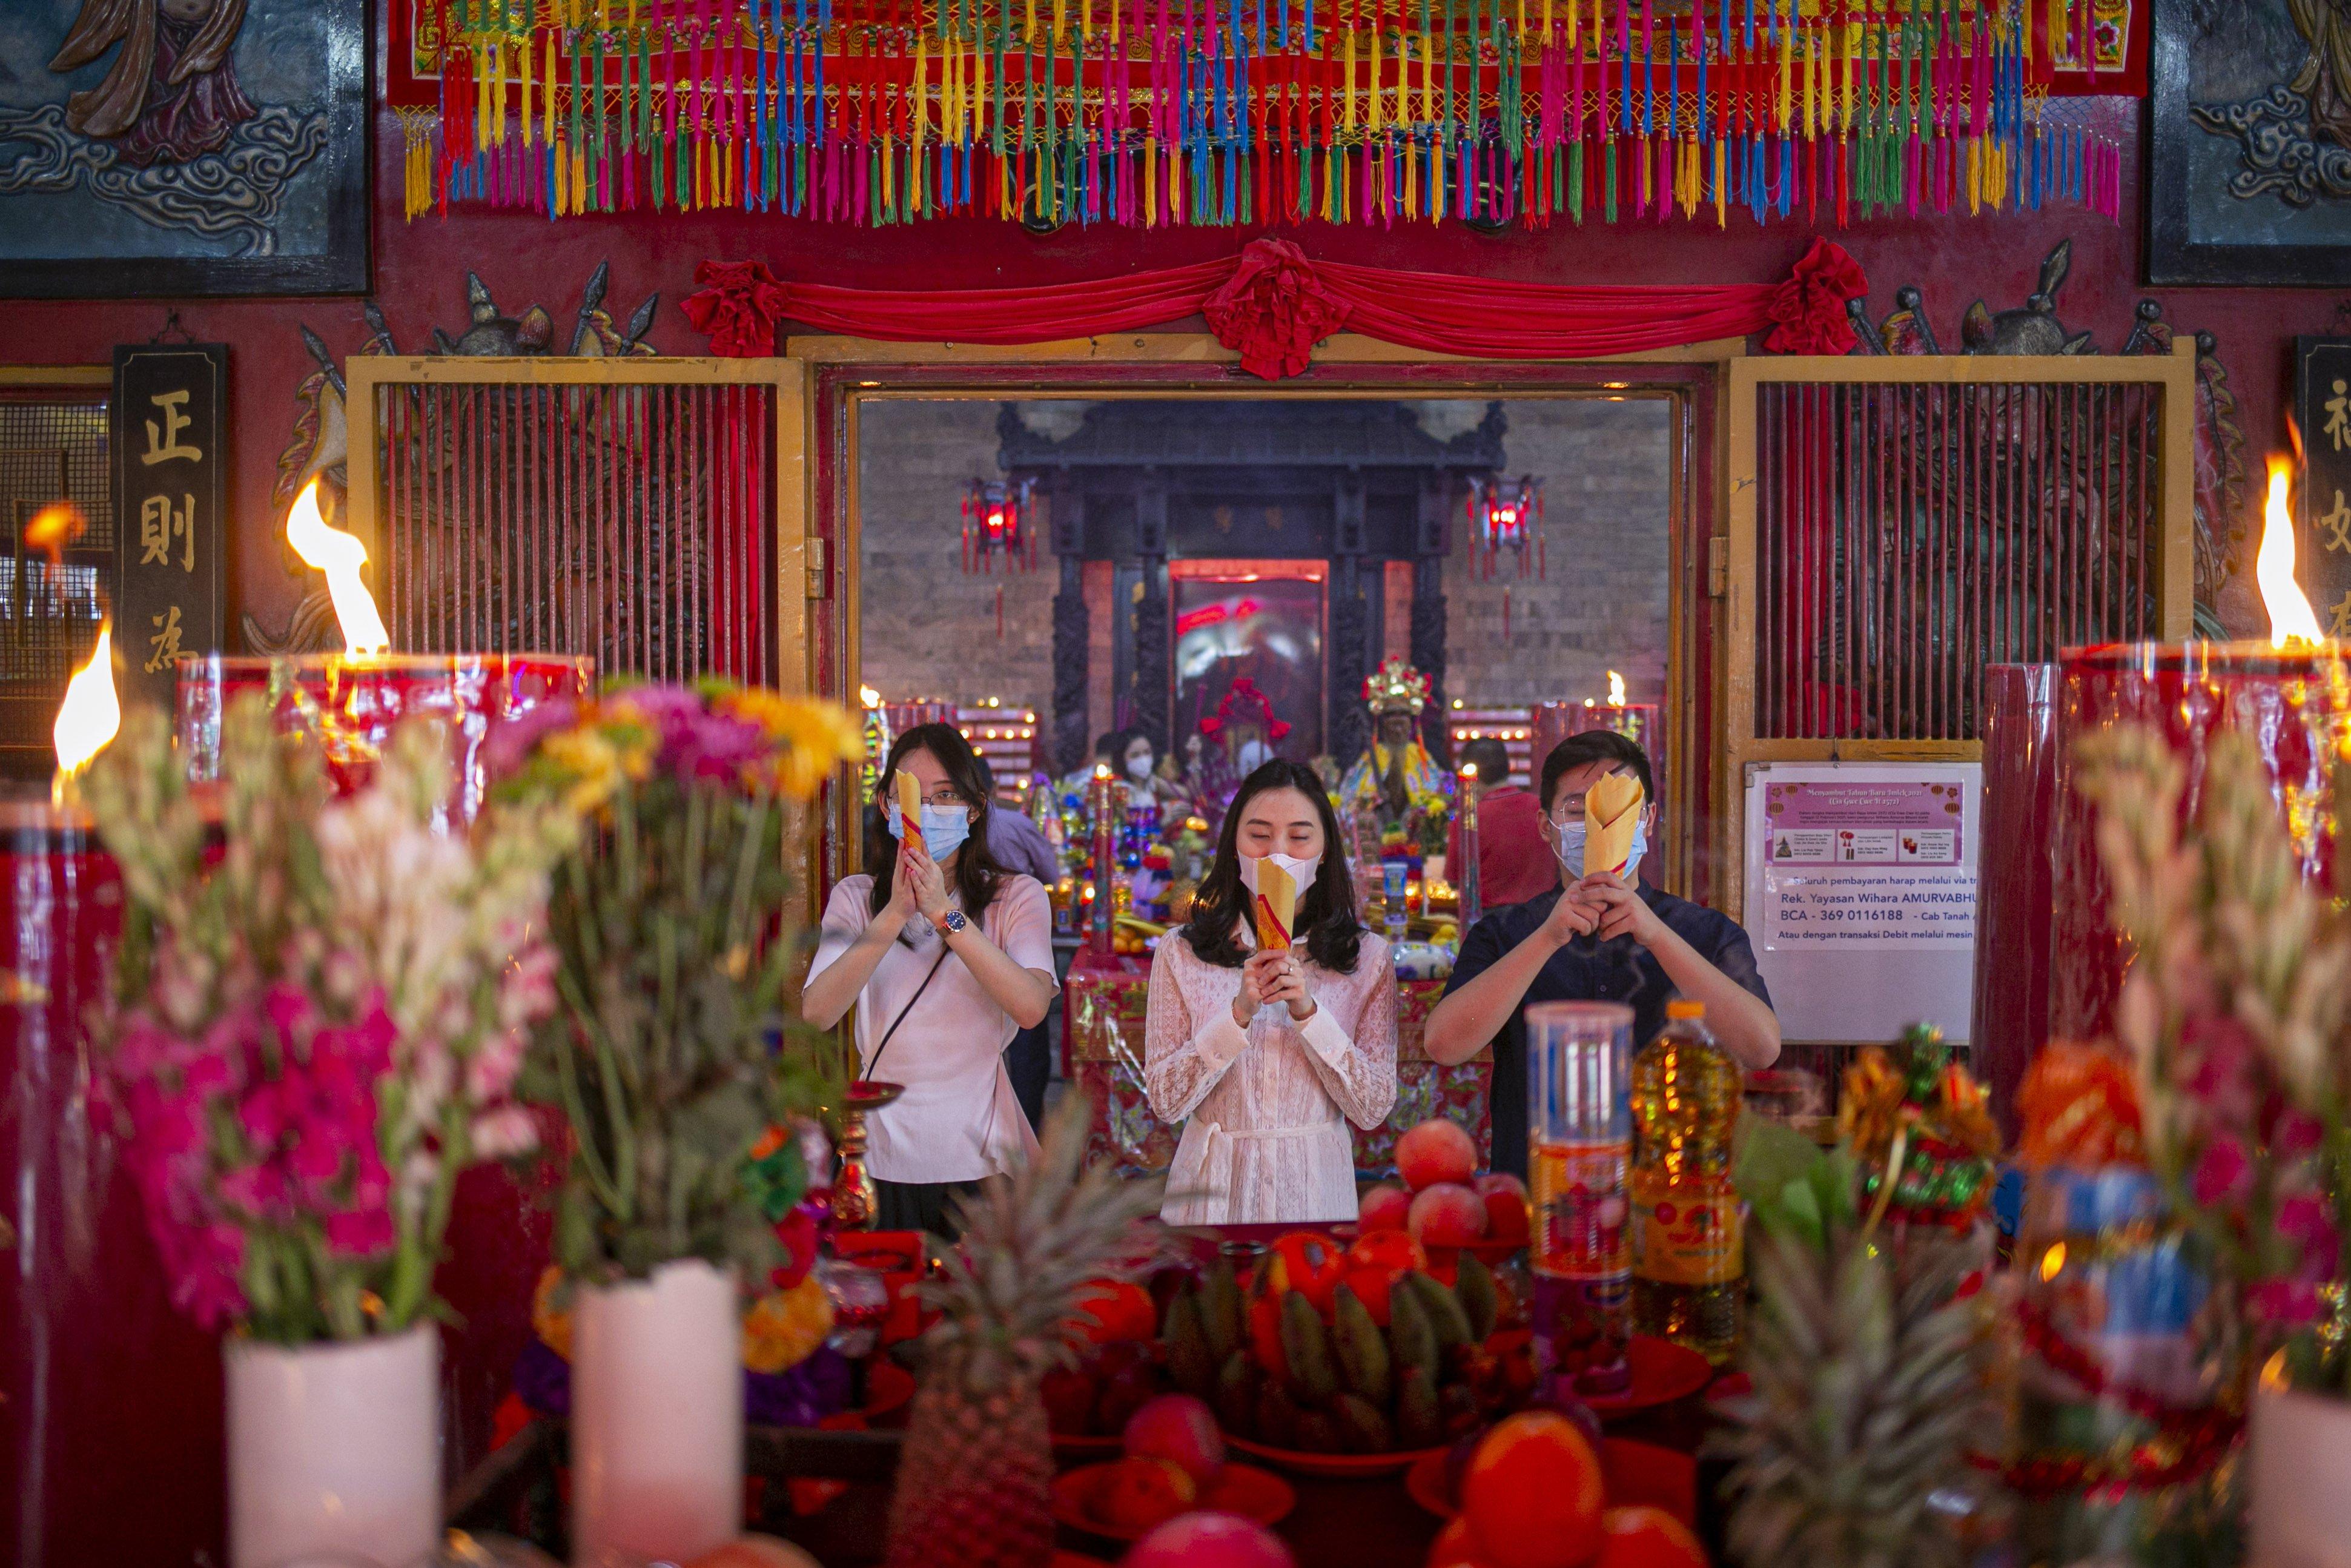 Warga keturunan Tionghoa beribadah menyambut tahun baru Imlek 2572 di Vihara Amurva Bhumi, Jakarta, Kamis (11/2/2021). Vihara tersebut menerapkan pembatasan waktu sembahyang serta mewajibkan menjaga jarak dan memakai masker saat sembahyang untuk mencegah penyebaran COVID-19.